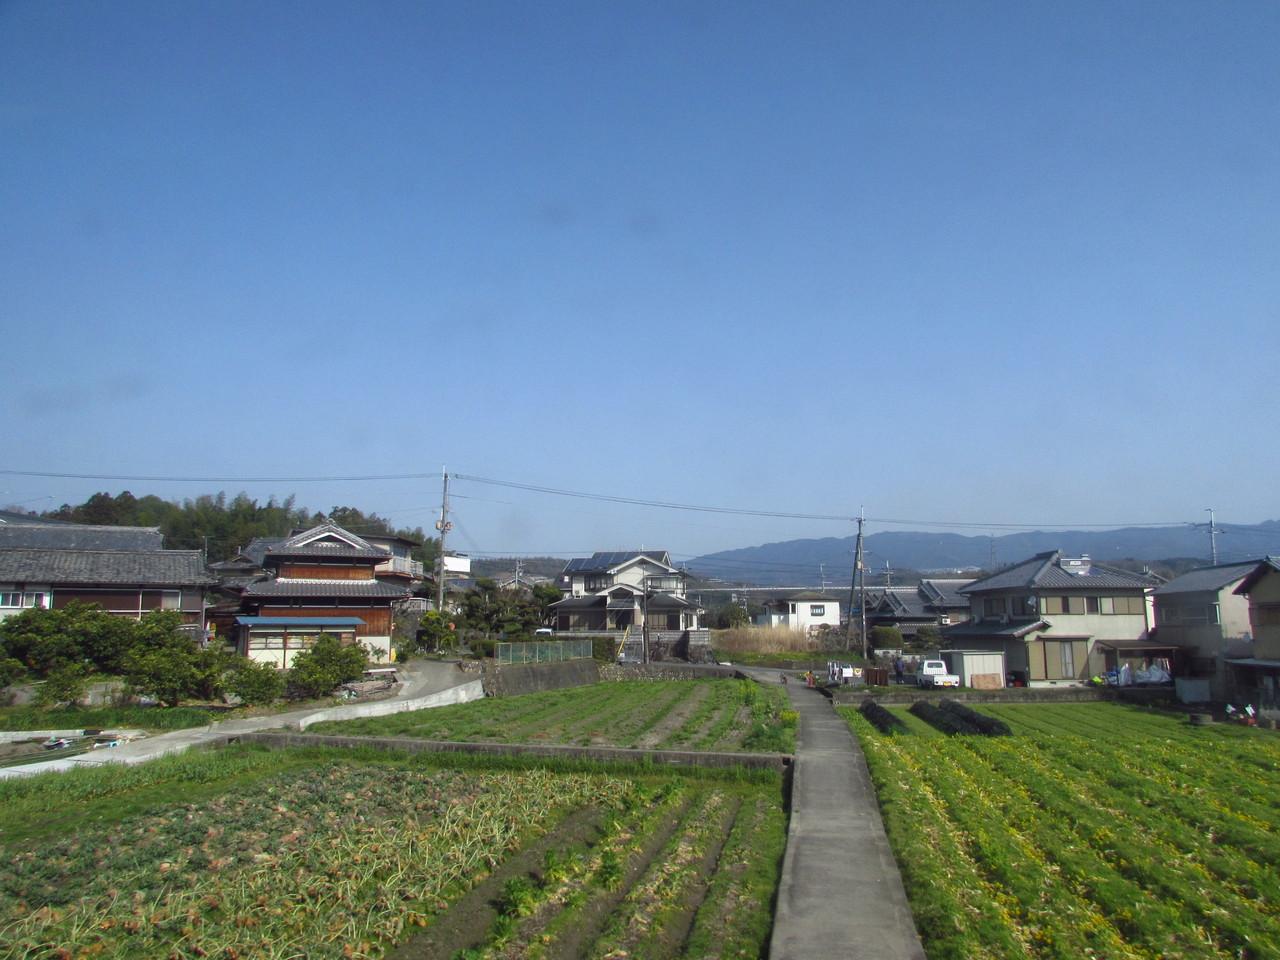 鉄路の響きを追って ~第二章~JR西日本・在来線完乗へ向けて・・・春編 XXXII ~高野口駅~                 Masahiko